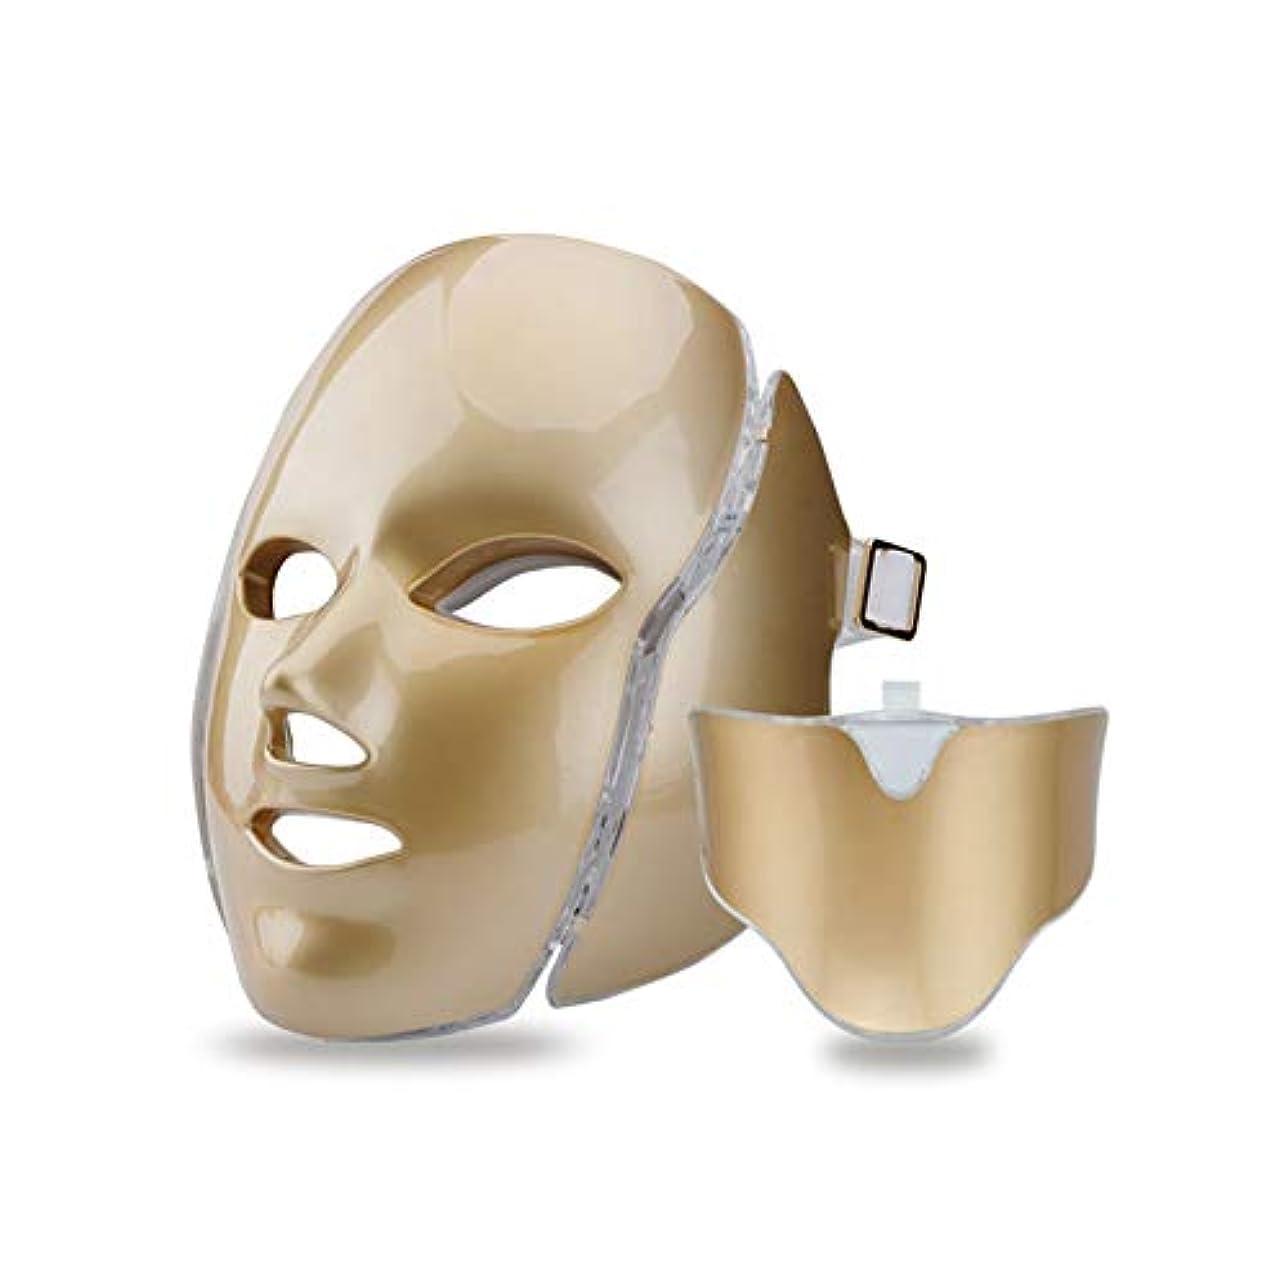 ハーフ彼ら帰する赤色光光子治療機7色ledマスク+首、肌の若返りニキビフェイシャルスパ美容機器,Gold